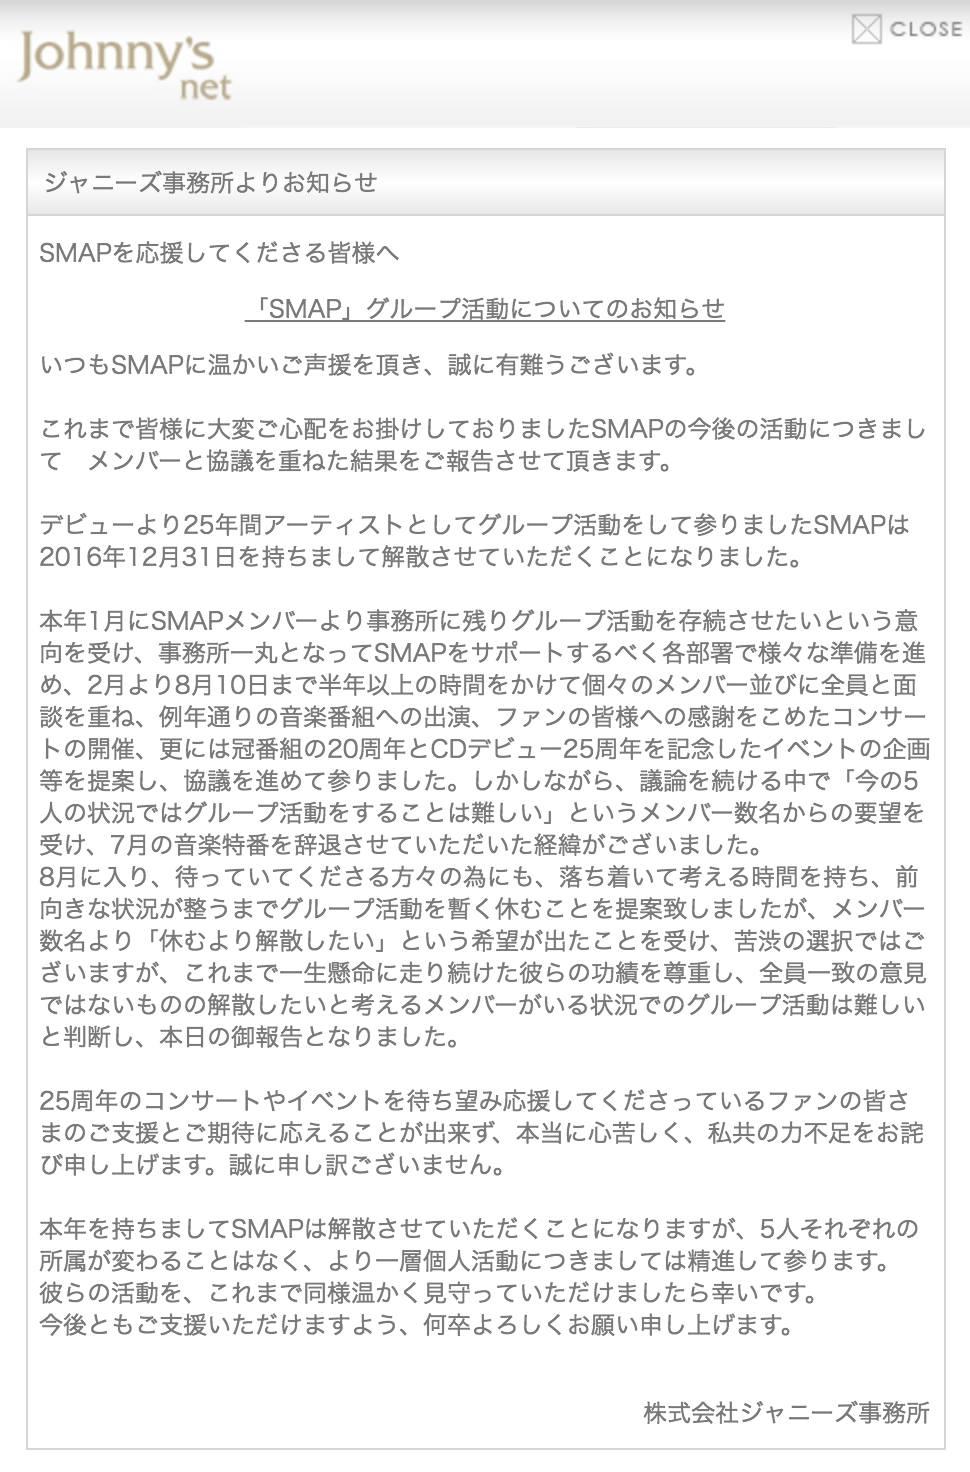 16年 平成28年 1月から変わること 1年間の注目ニュース ネットビジネス アナリスト横田秀珠